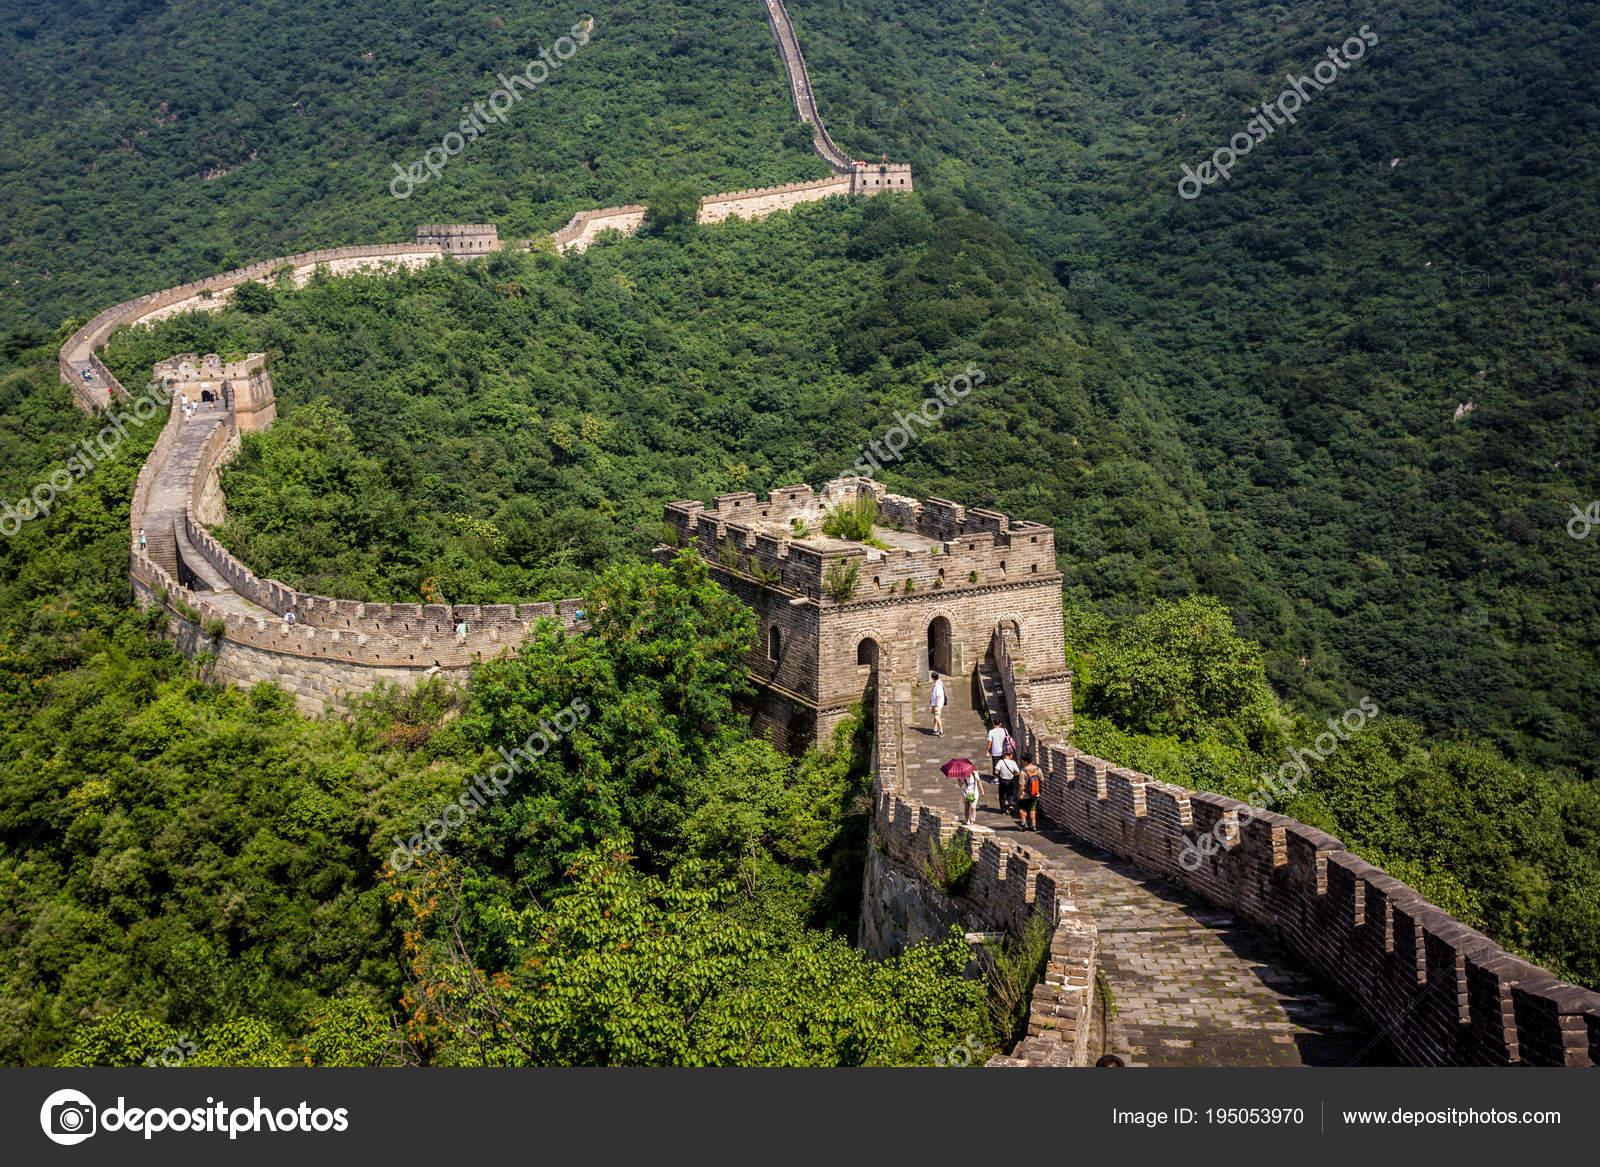 Grote Foto Op Muur.Chinese Grote Muur Redactionele Stockfoto C Xander D 195053970